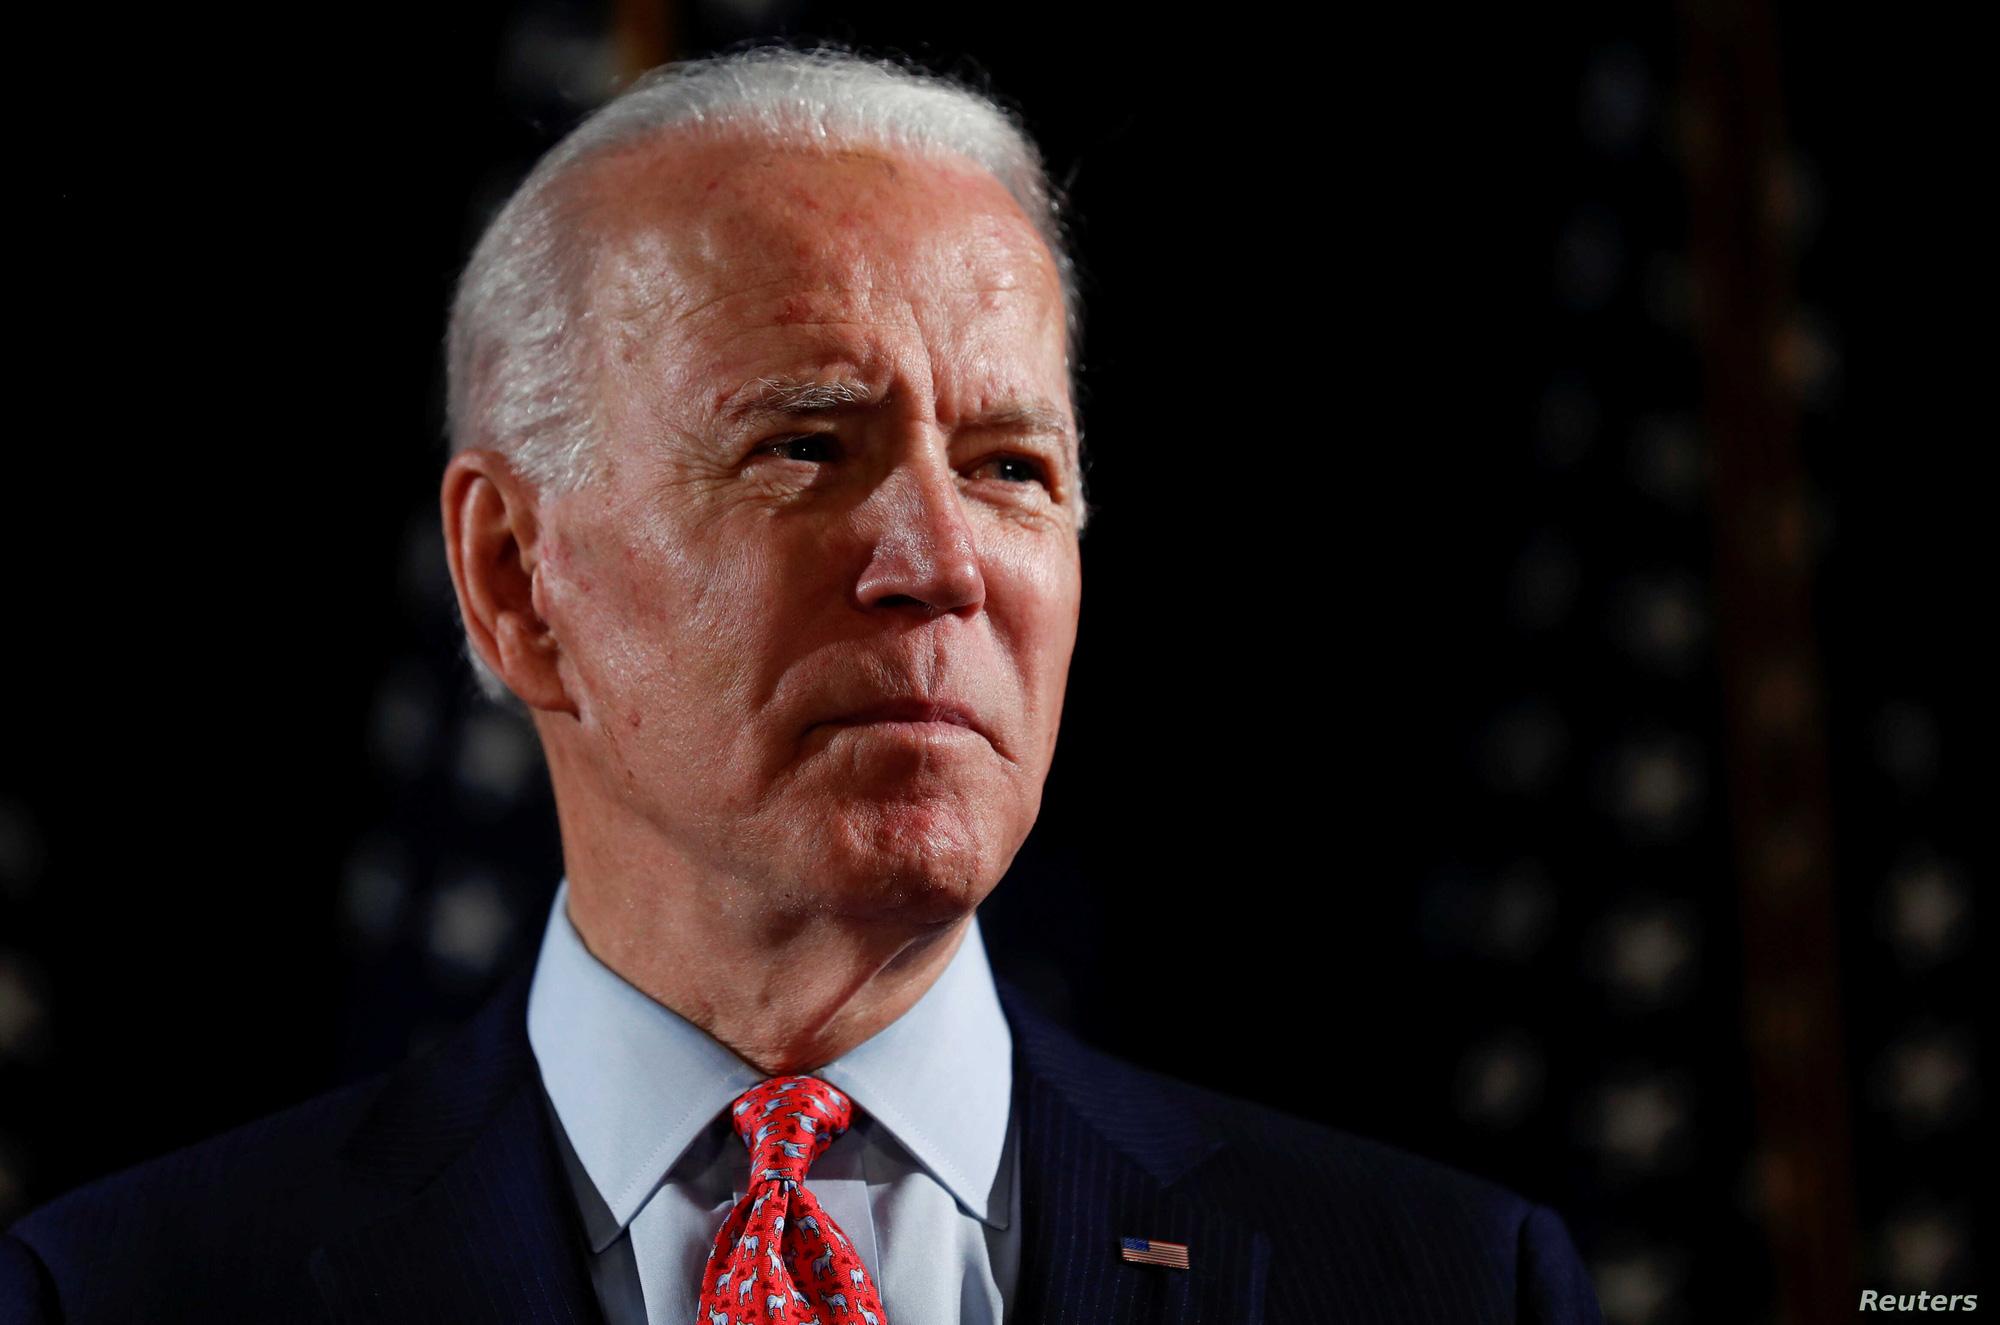 Chính quyền Biden muốn sửa đổi luật bầu cử Mỹ - Ảnh 1.